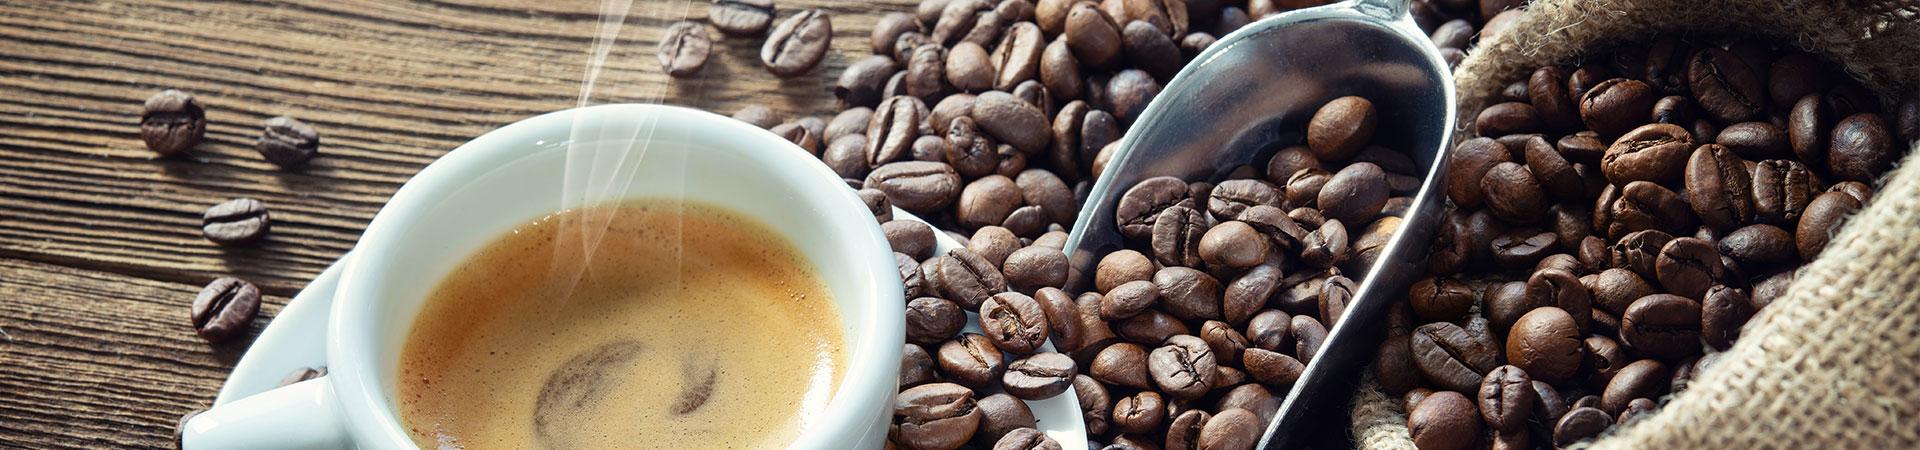 Naschwerk Produktheader Kaffee 1920x450px